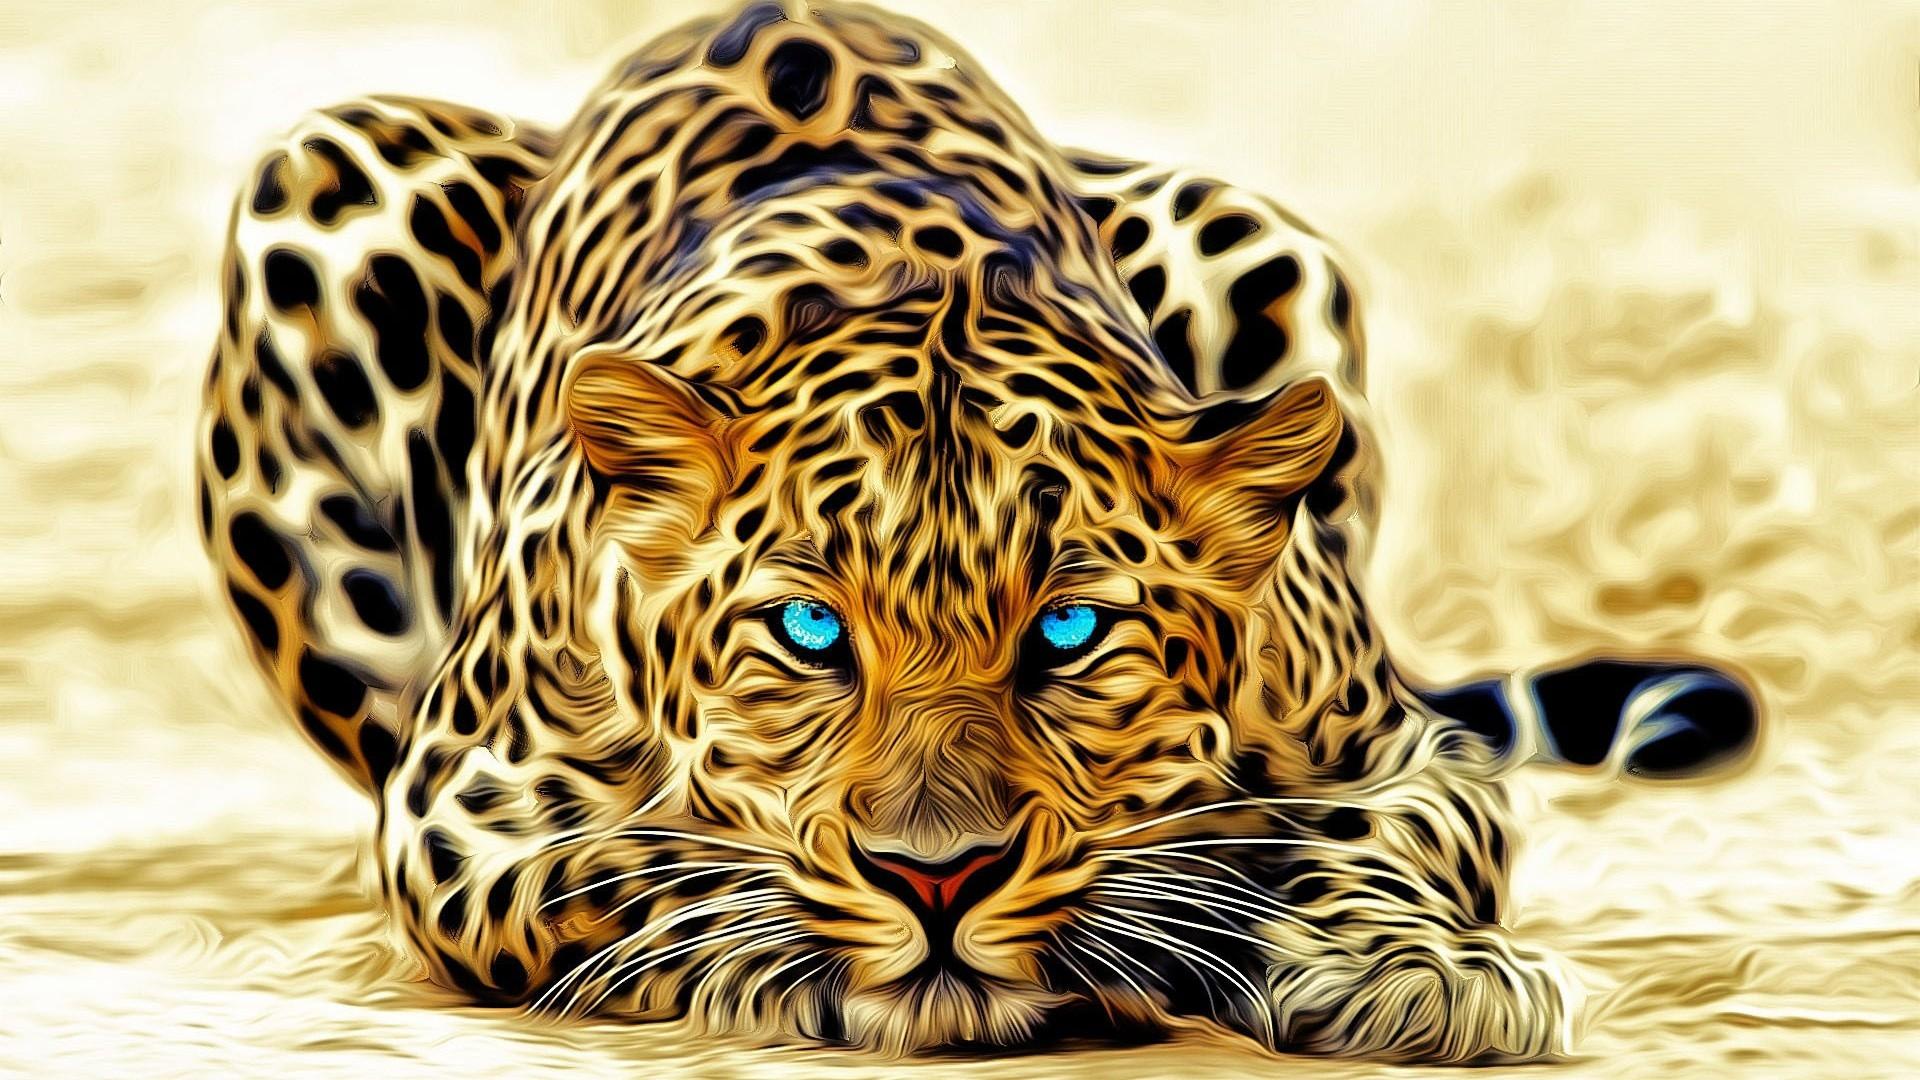 Hình nền 3D động vật